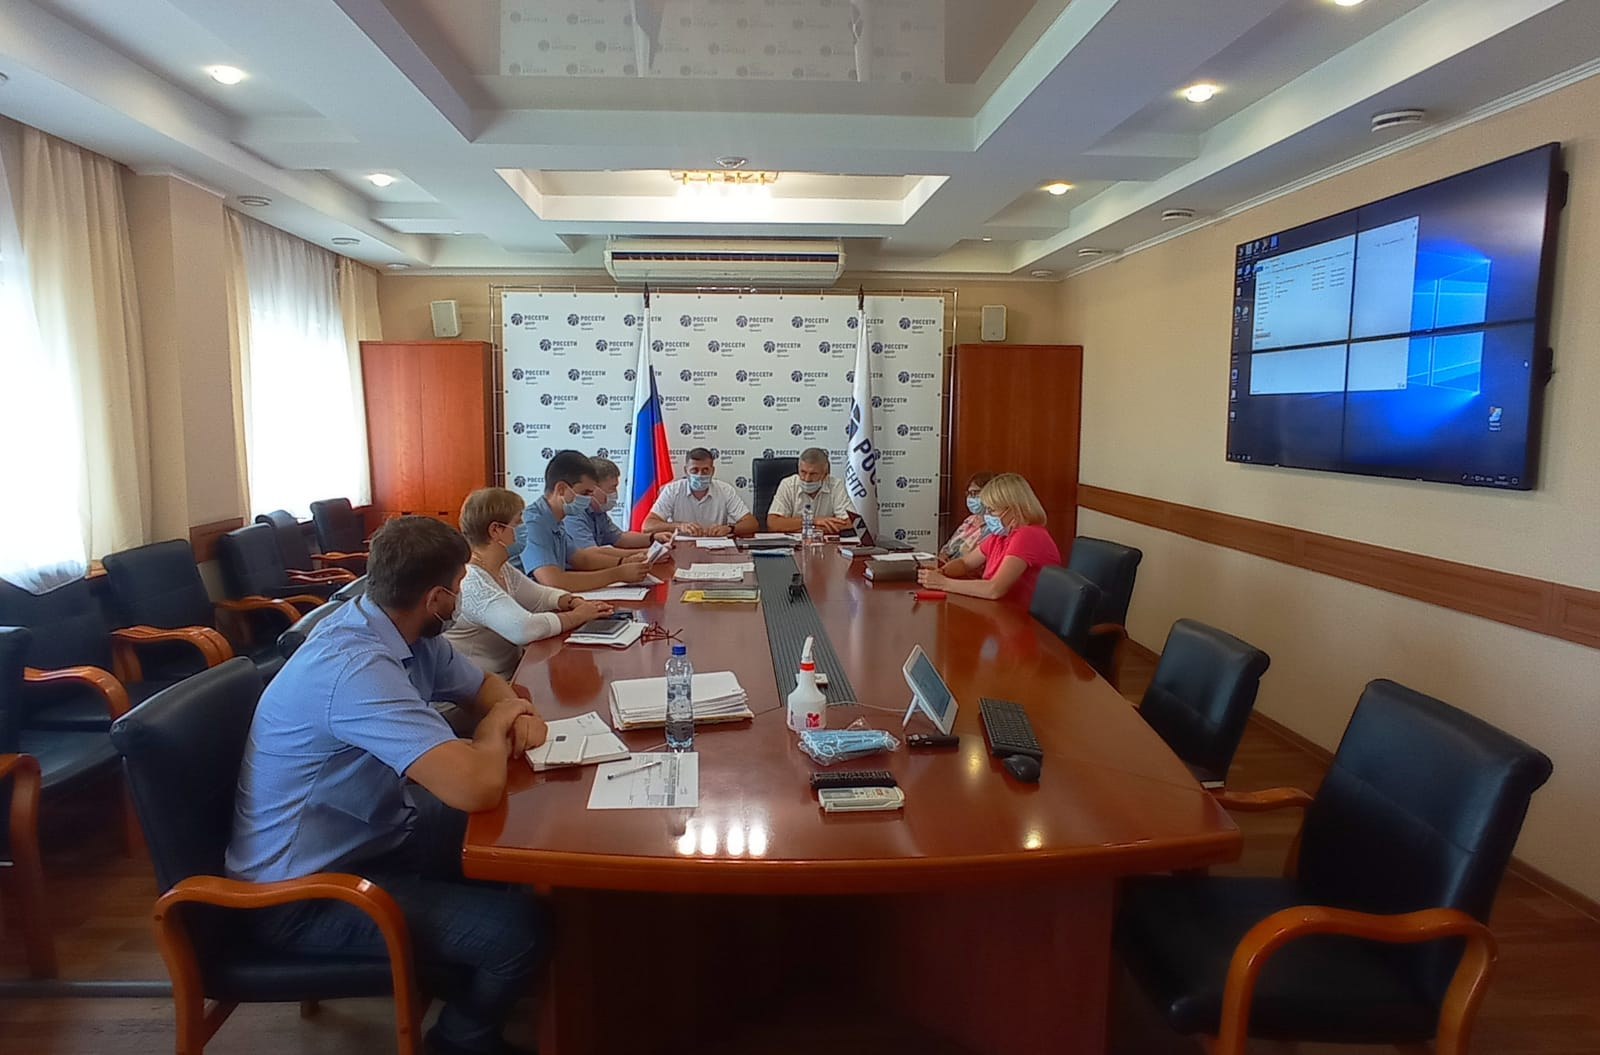 Игорь Шарошихин: в основе безопасности труда – дисциплина